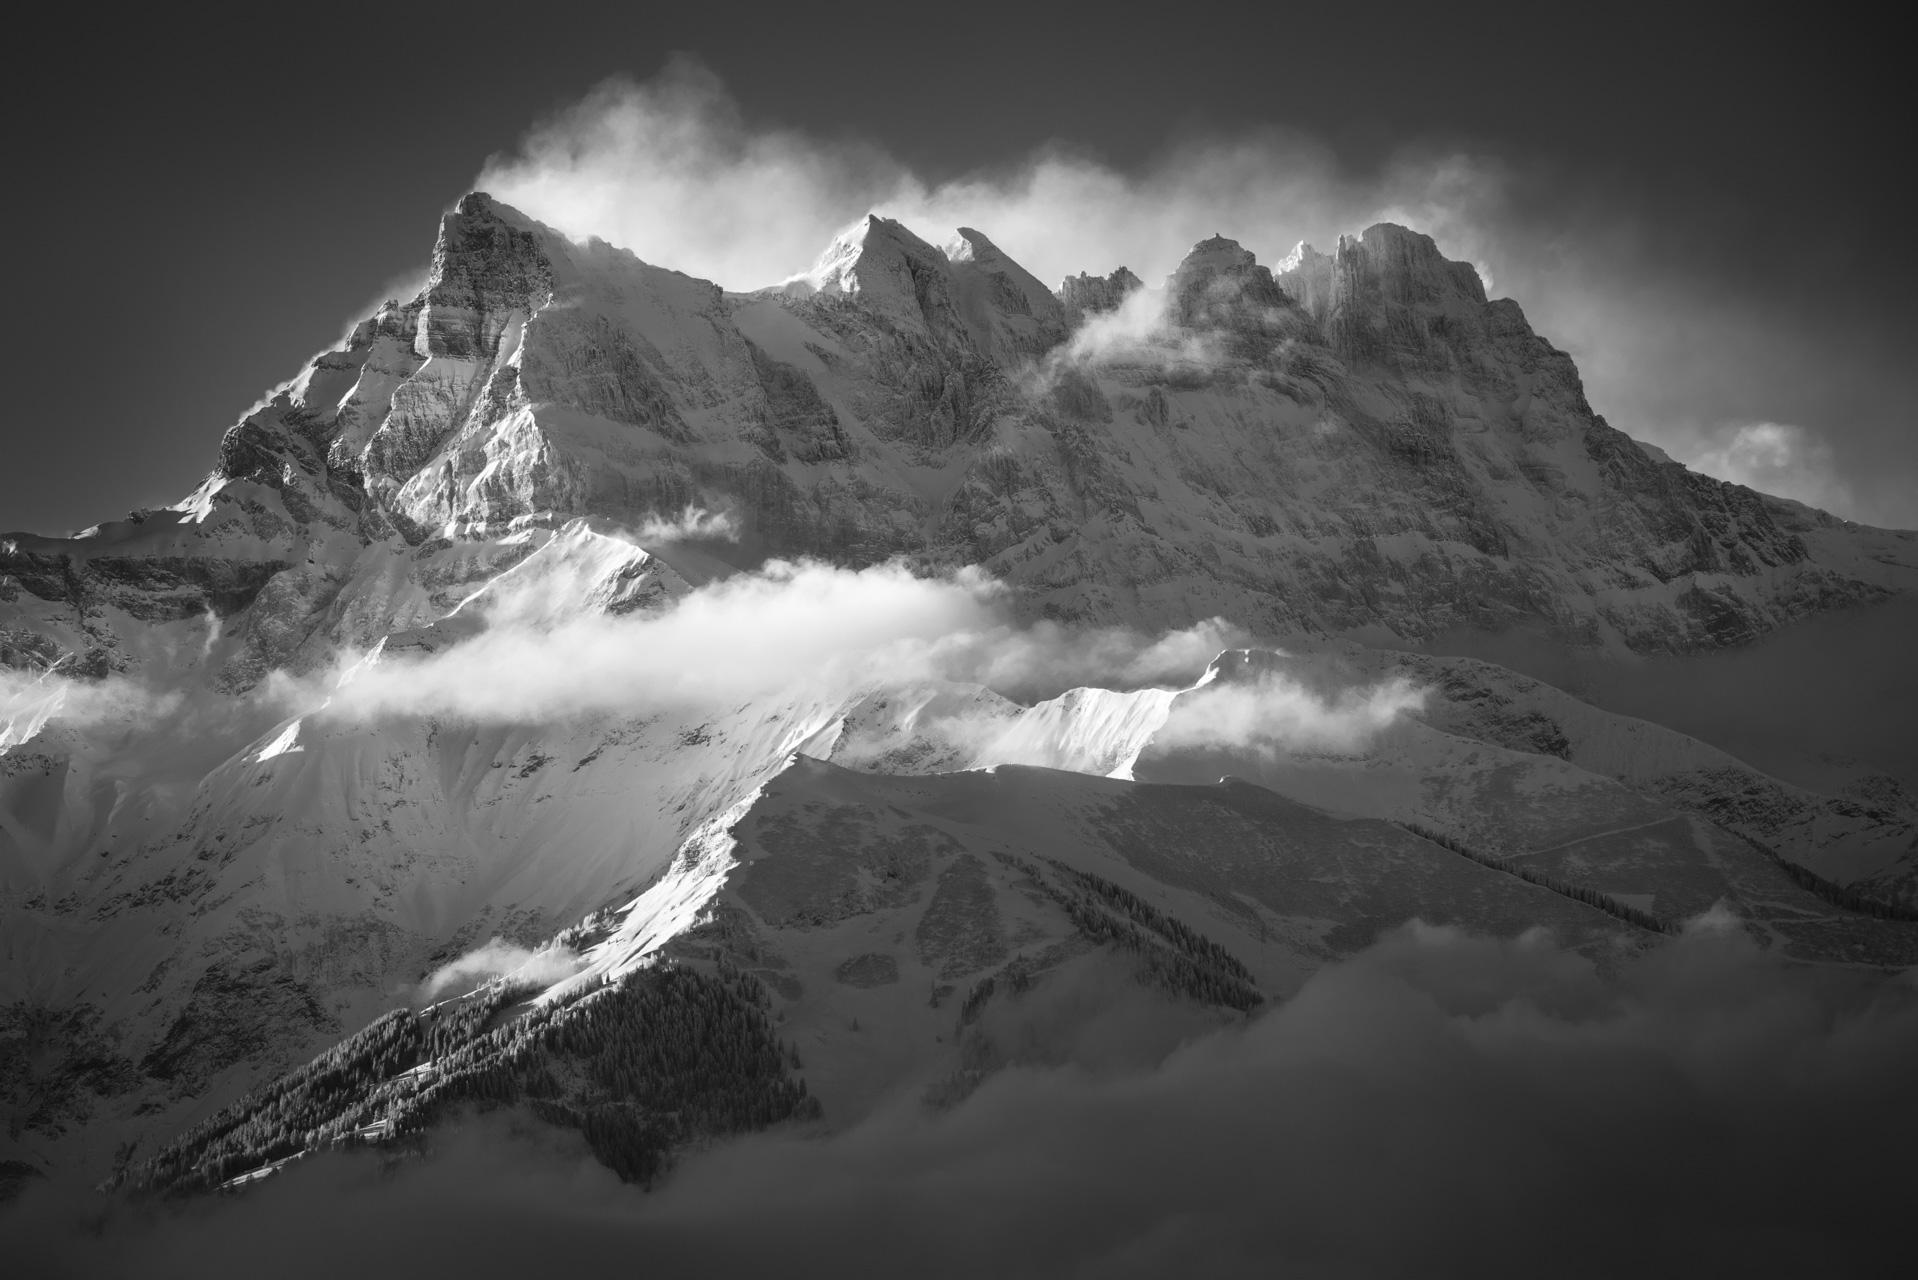 Lever de soleil sur la montagne des Dent du Midi - Photo noir et blanc du soleil en montagne dans les Alpes Vaudoises et portes du soleil - montagne photo - photo montagne grand format - cadre photo montagne noir et blanc - photo montagne alpes